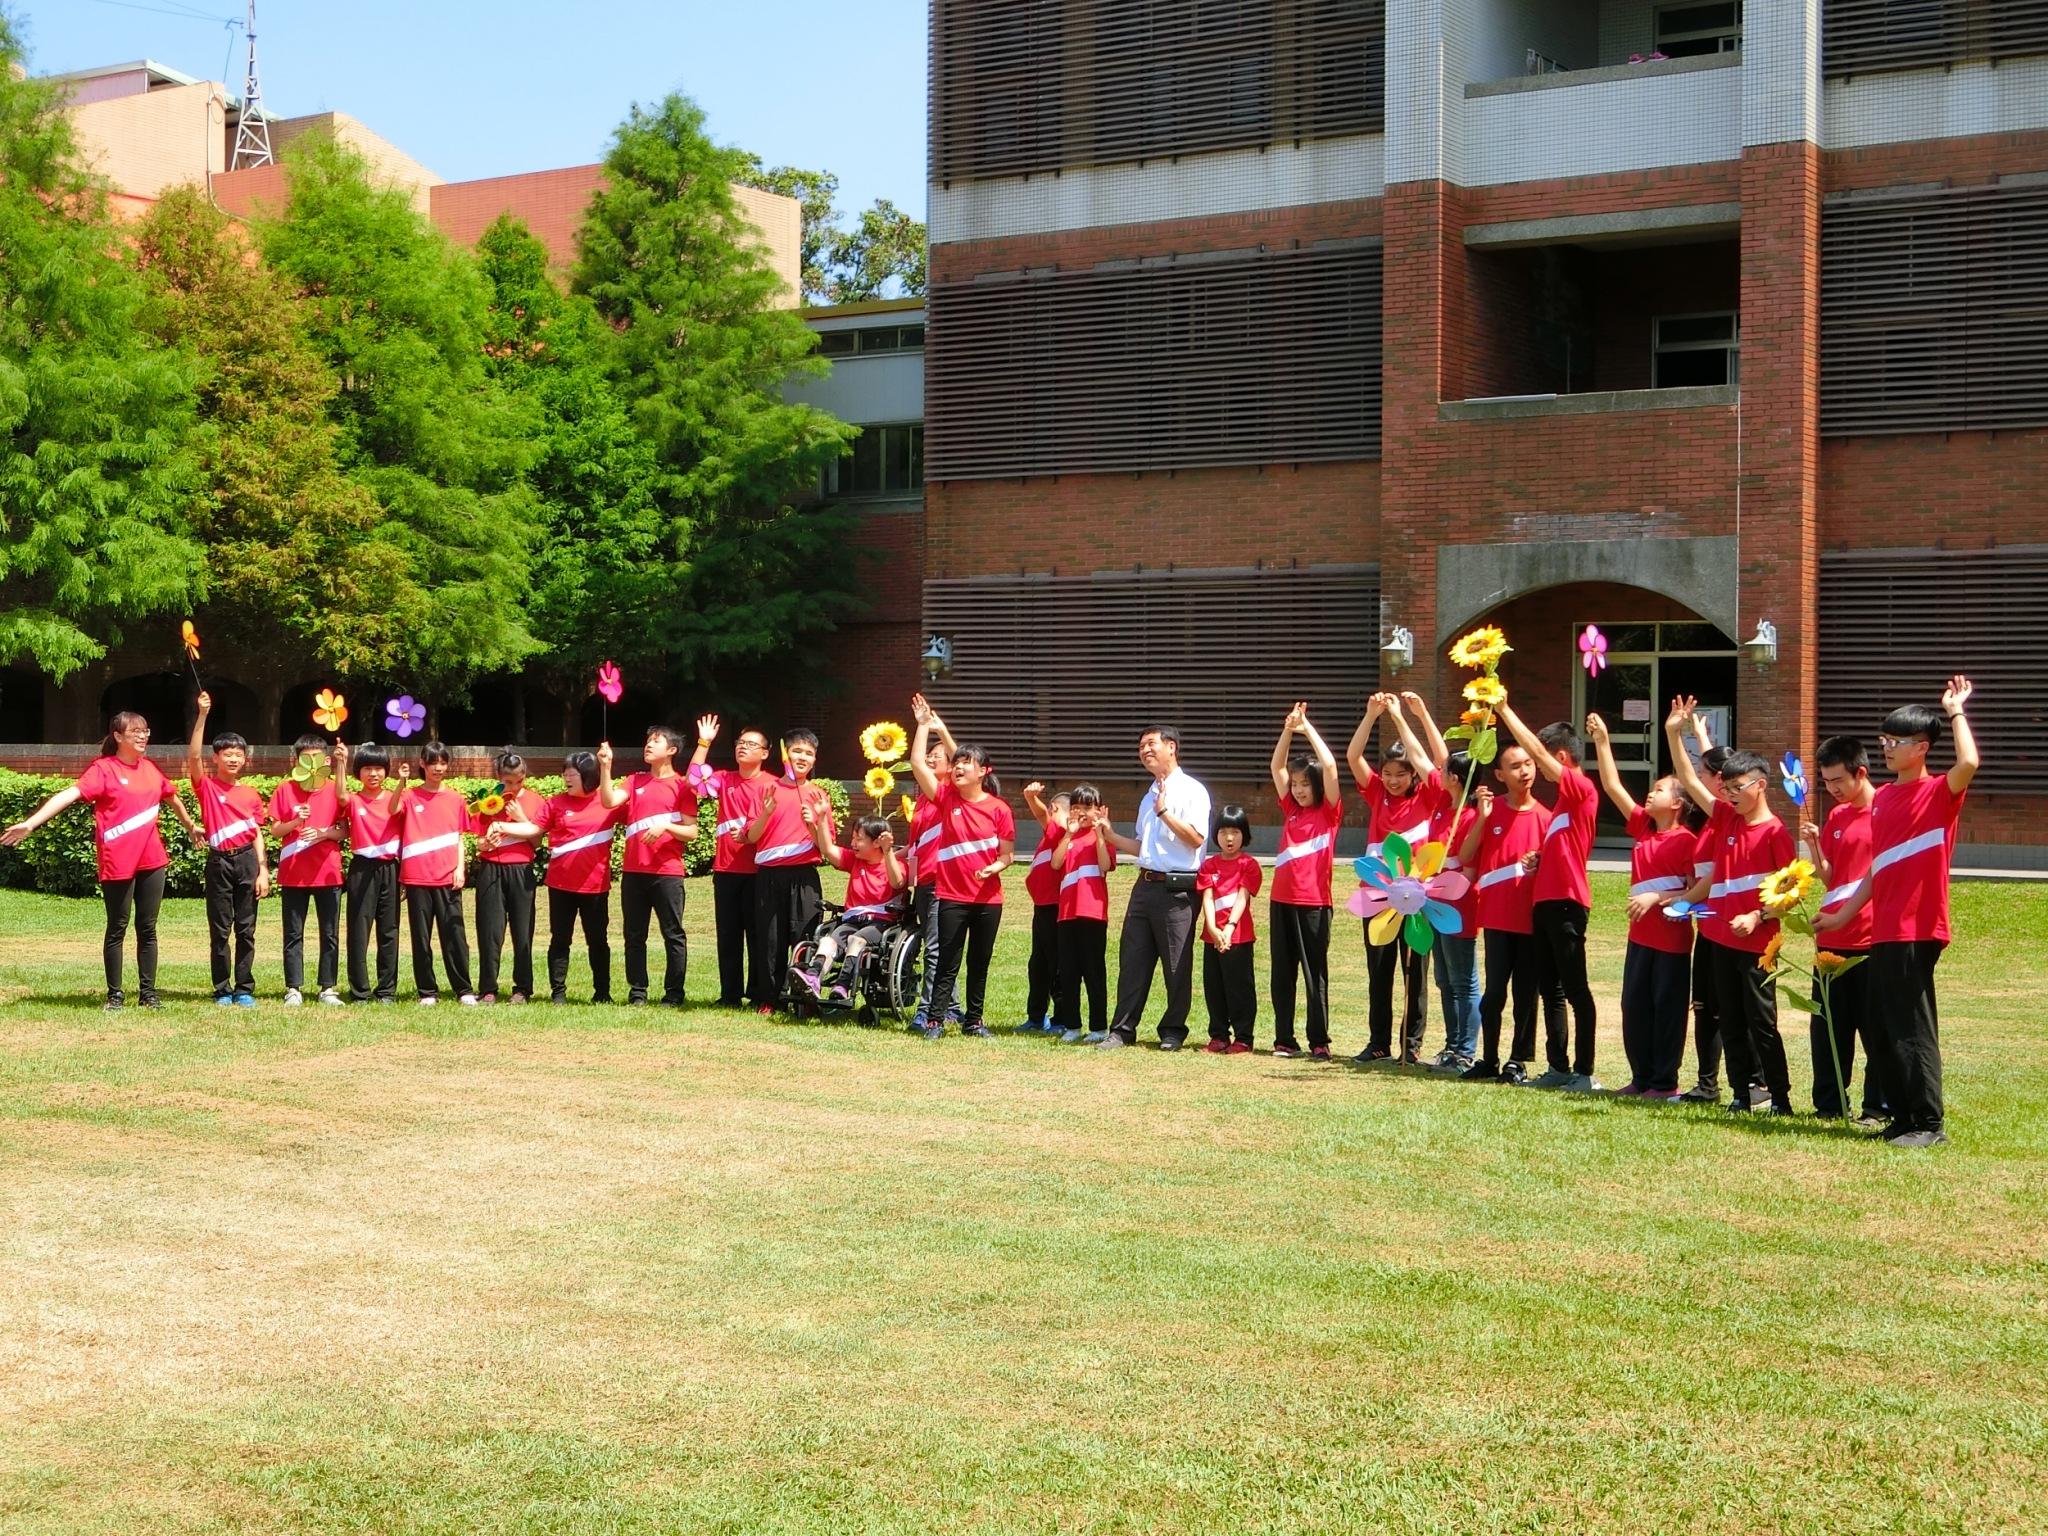 惠明盲校感謝MV 用歌聲向防疫人員致敬。(記者陳信宏翻攝)